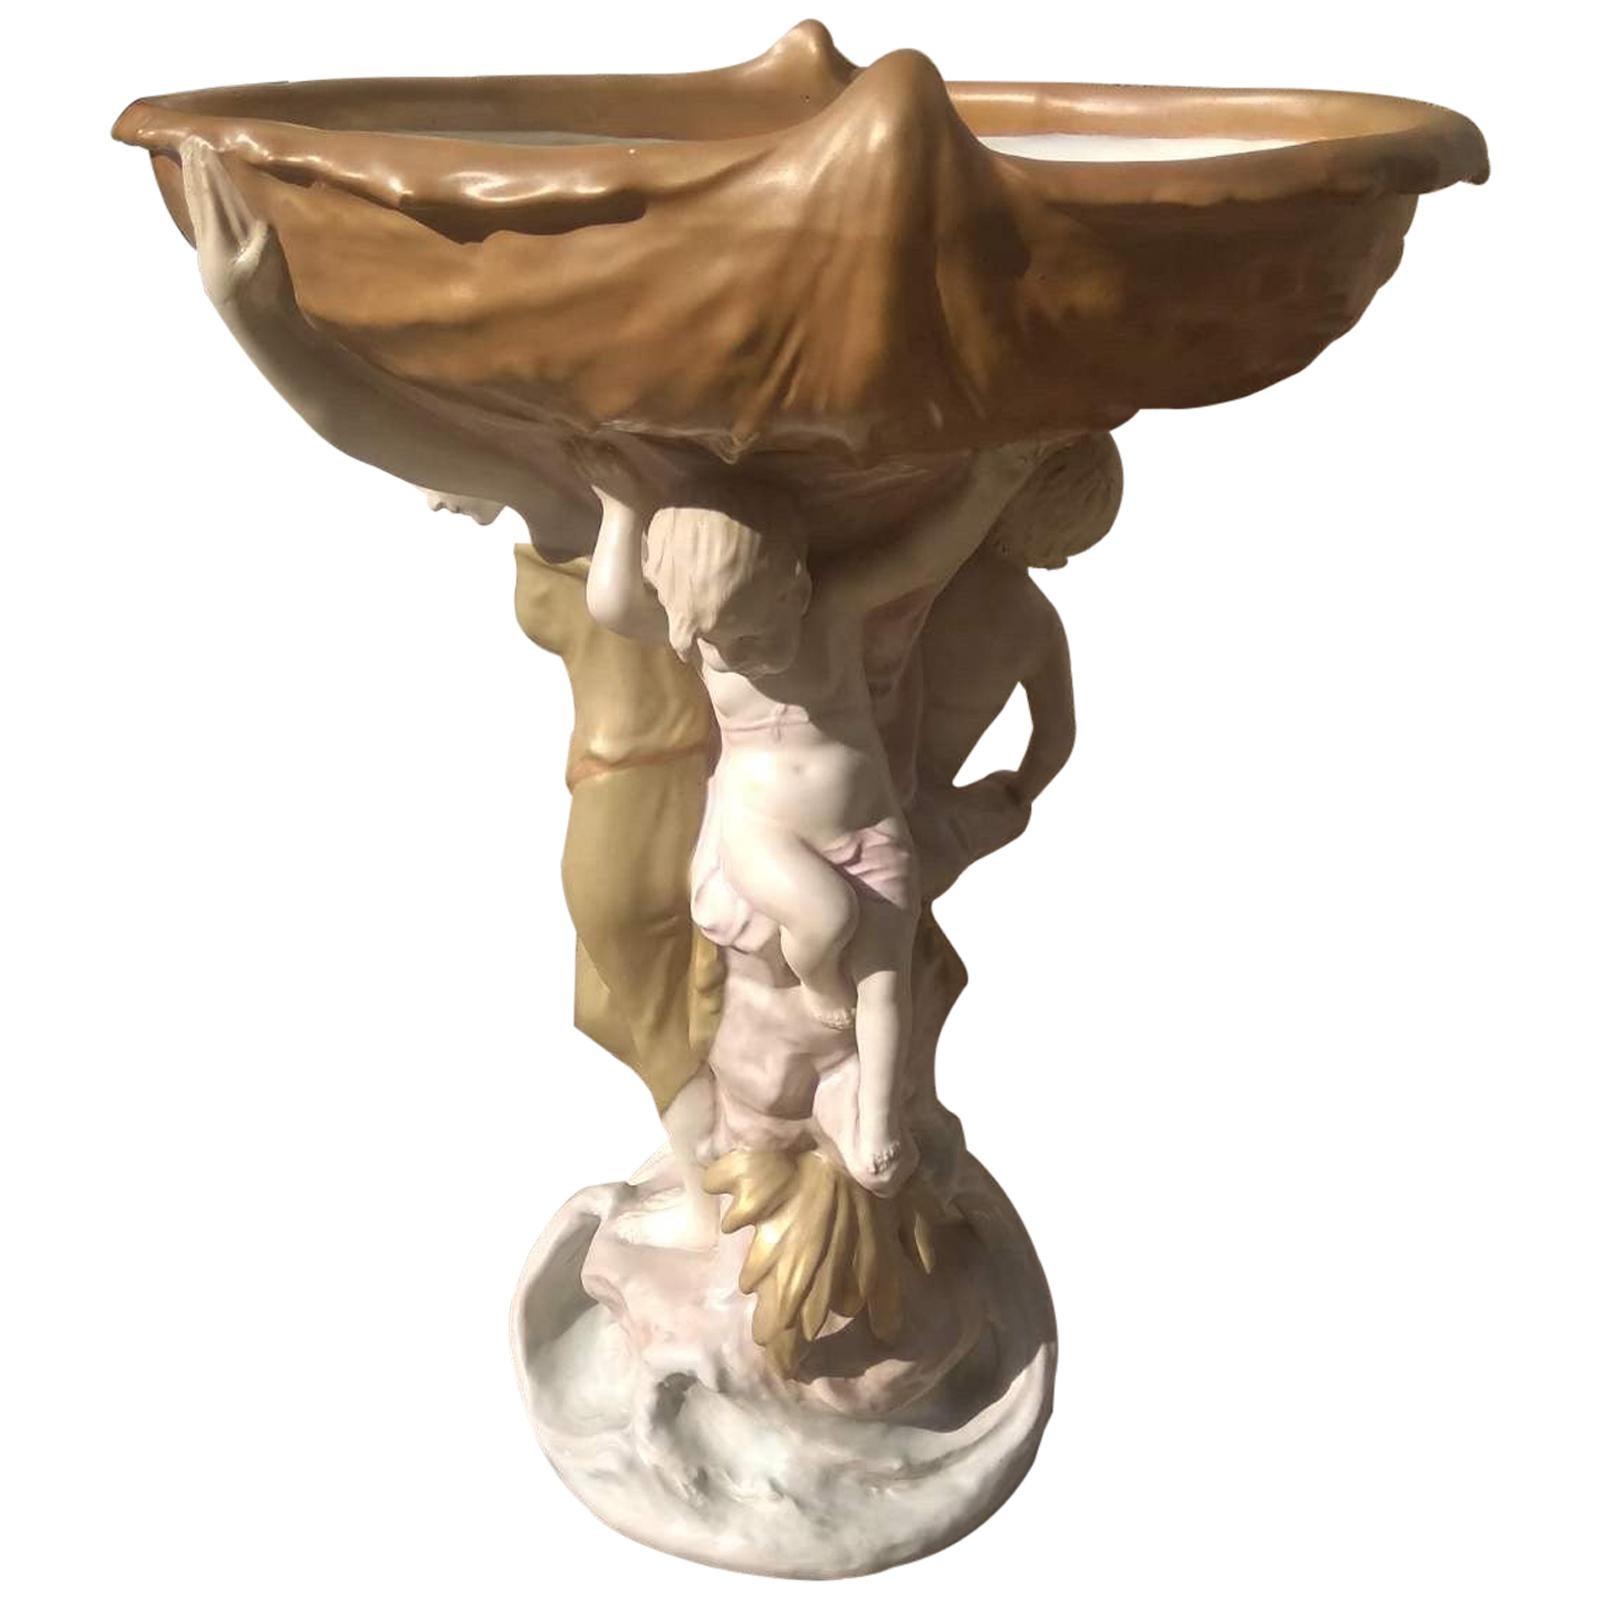 Large Royal Dux Porcelain Nymph Figural Centerpiece, 1950